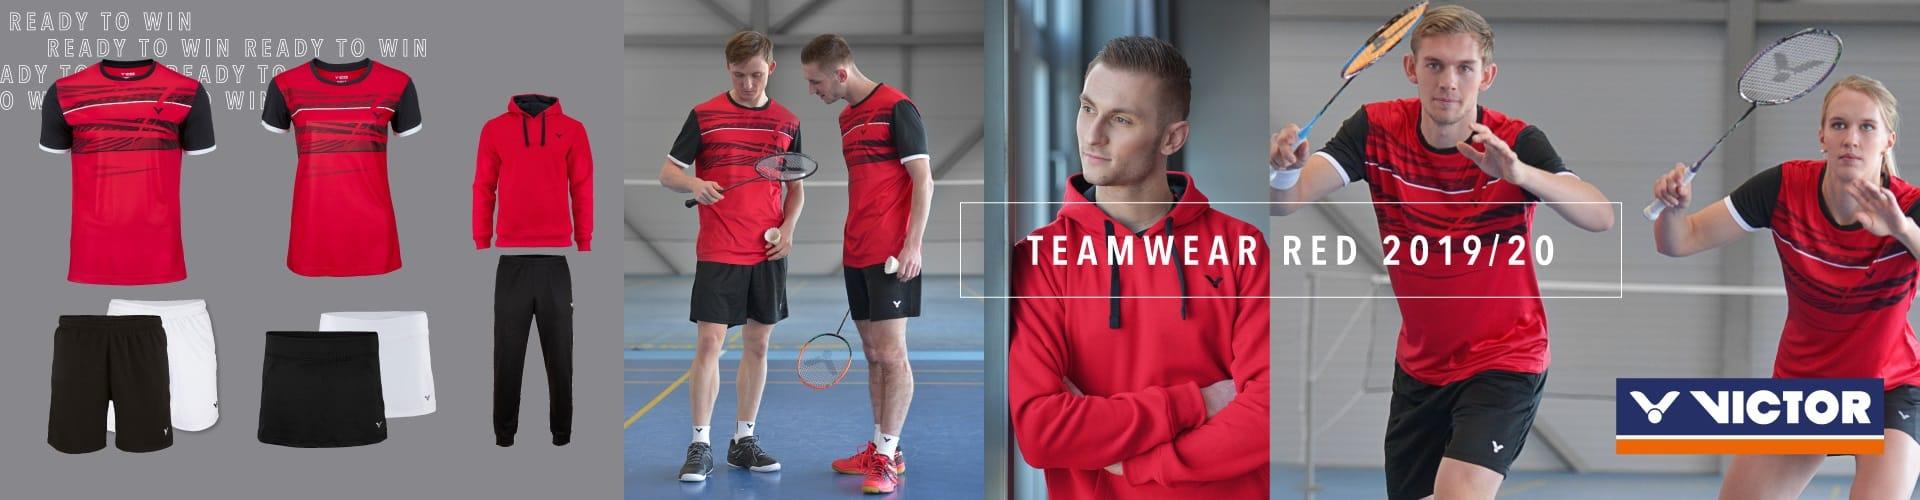 Victor Teamline Red 2019-2021